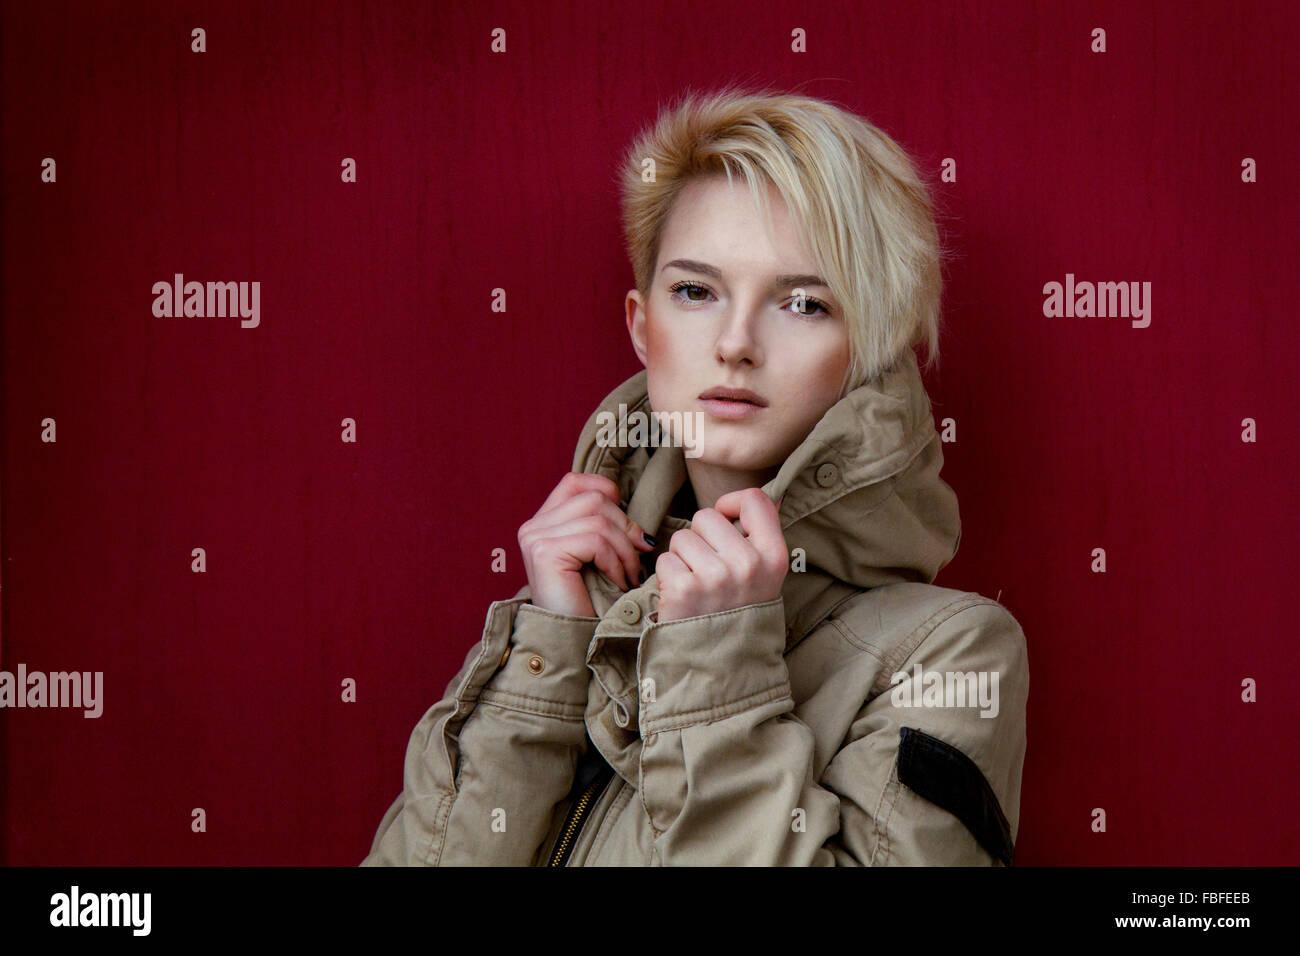 Retrato de joven mujer vistiendo Chaqueta mientras está de pie contra la pared roja Imagen De Stock